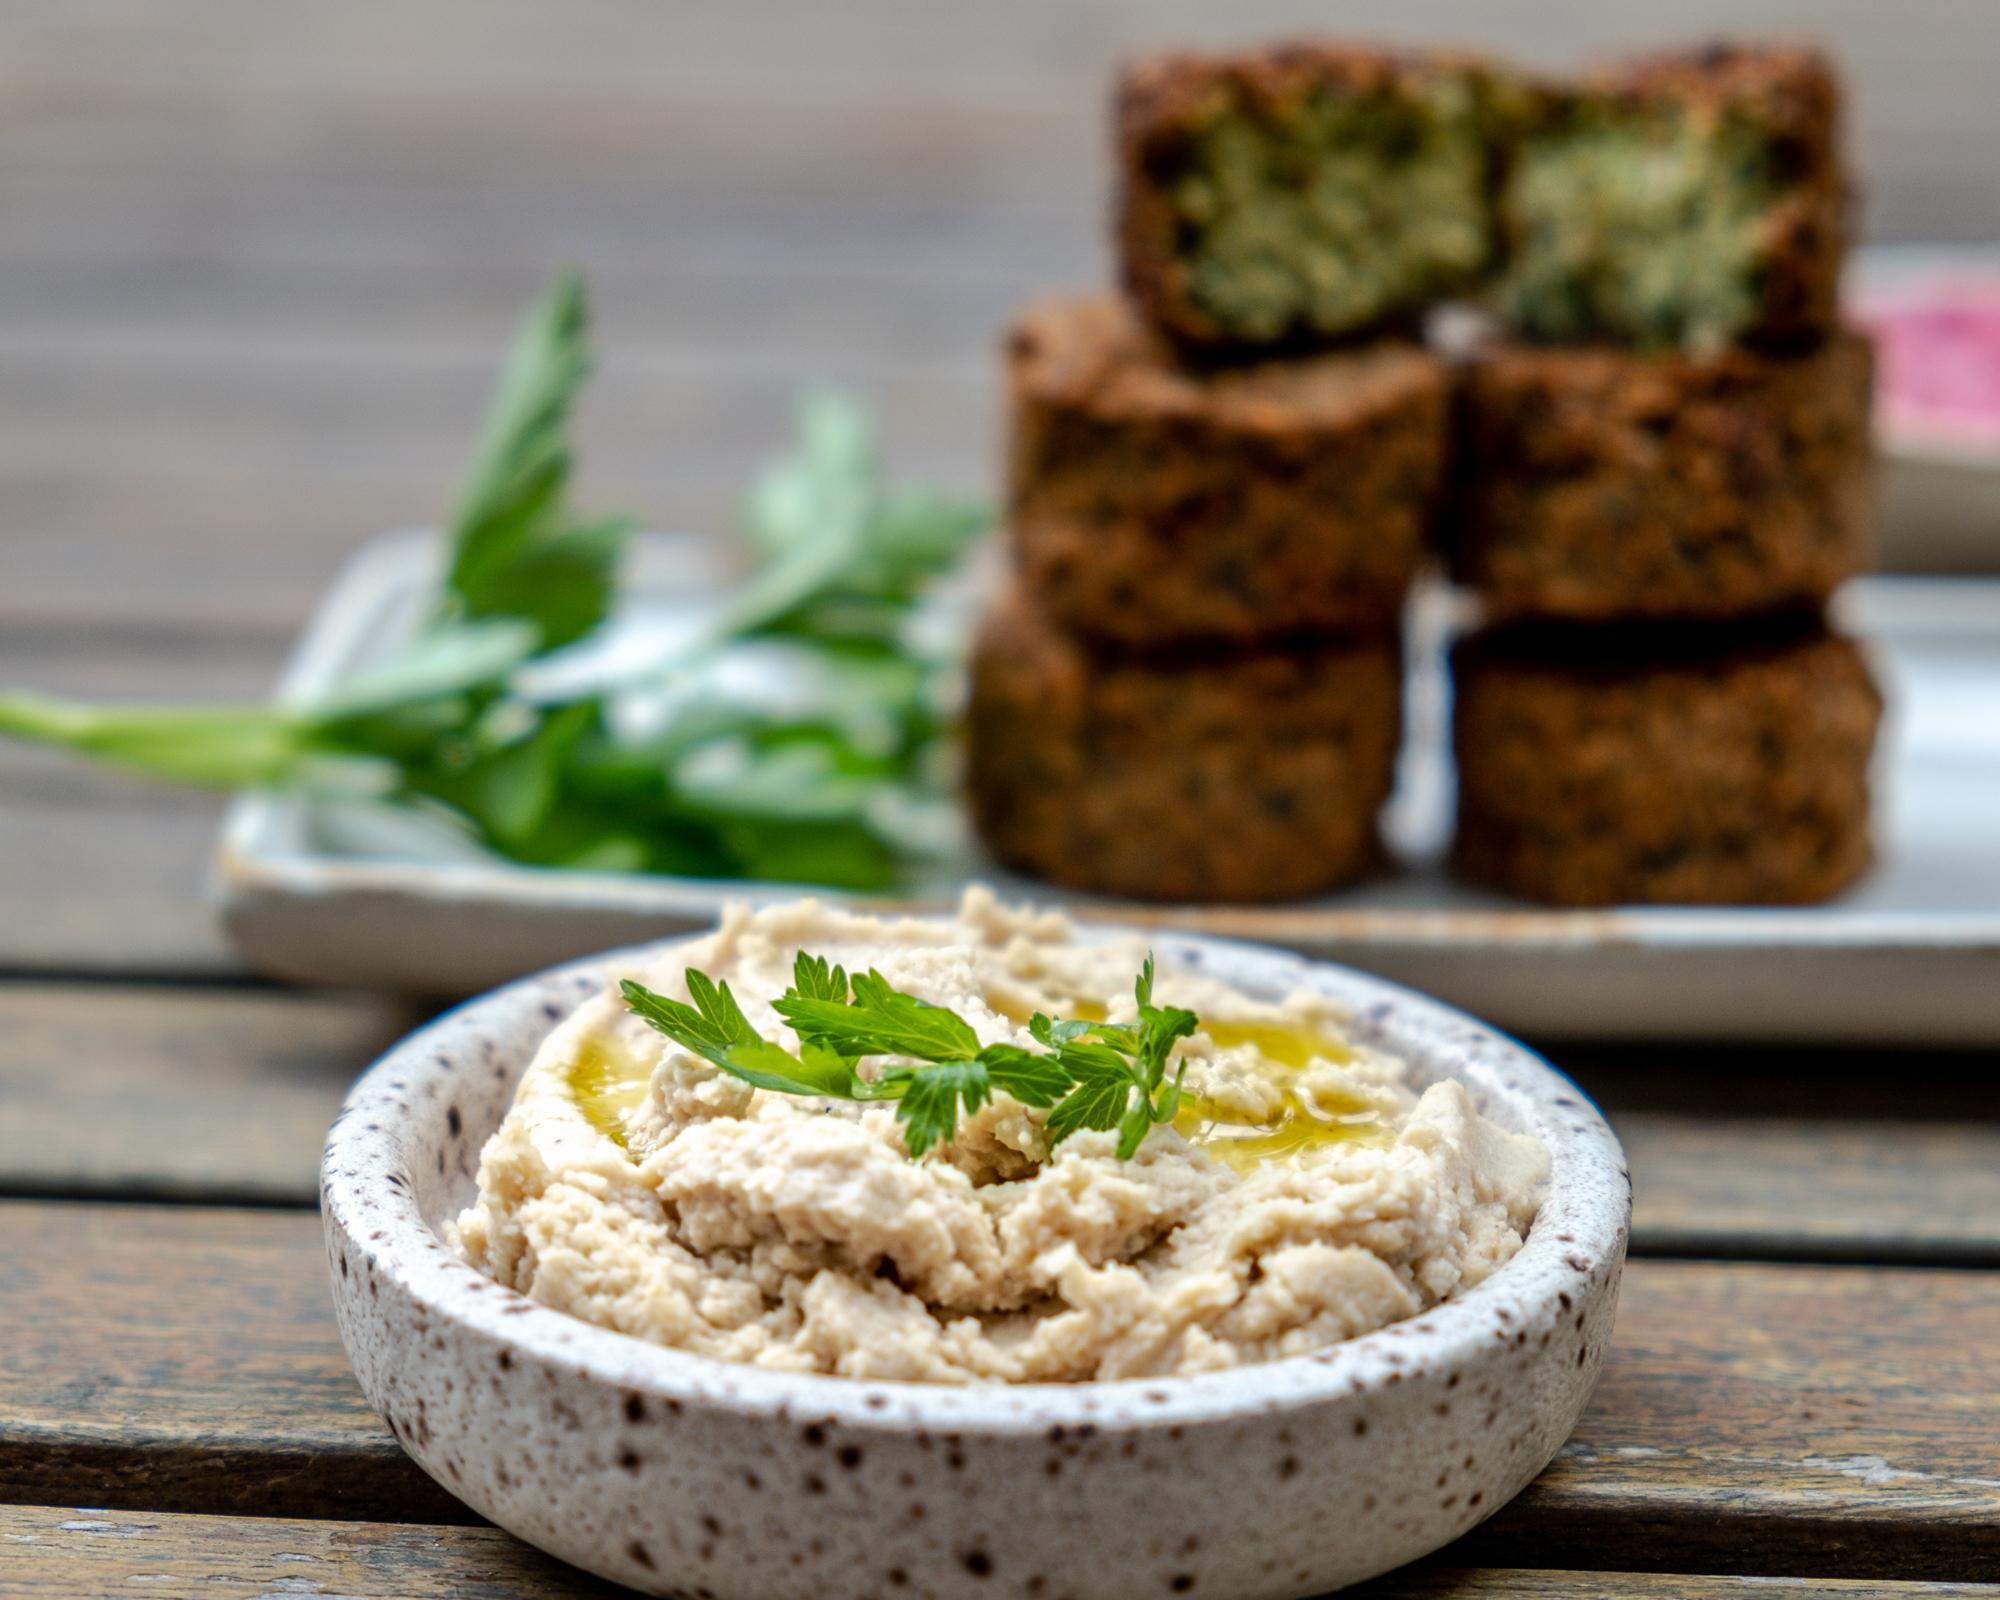 Confira um roteiro pelos restaurantes do Rio, SP e Salvador com pratos vegetarianos e veganos para o Dia Mundial Sem Carne-LuMattos